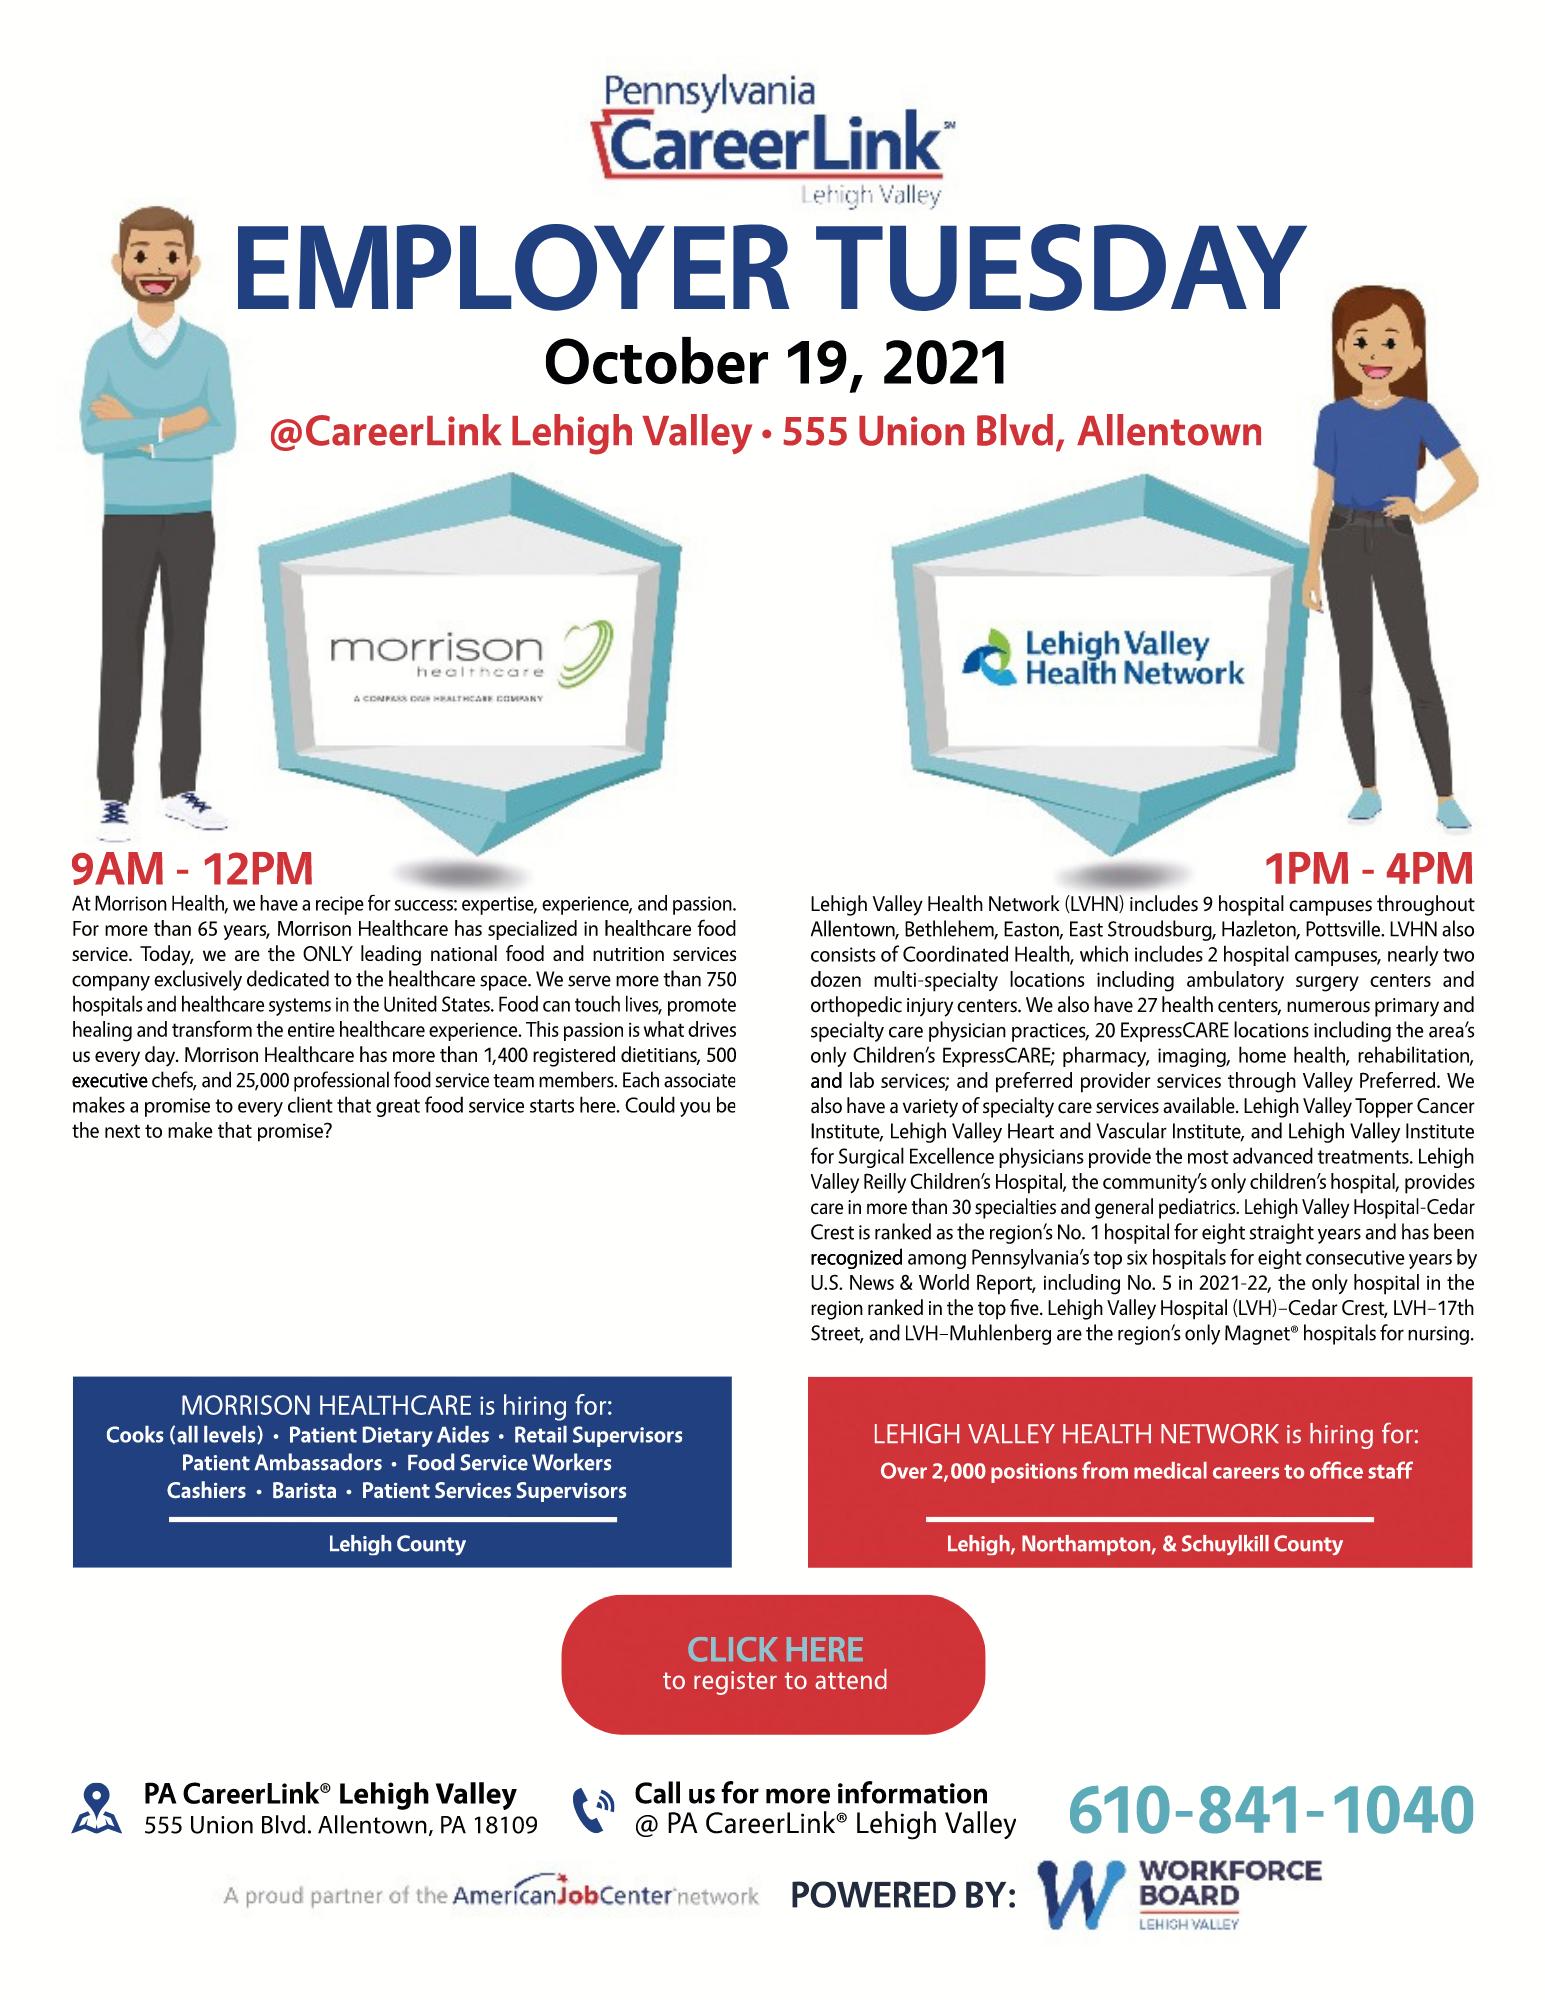 Employer Tuesday October 19 flyer